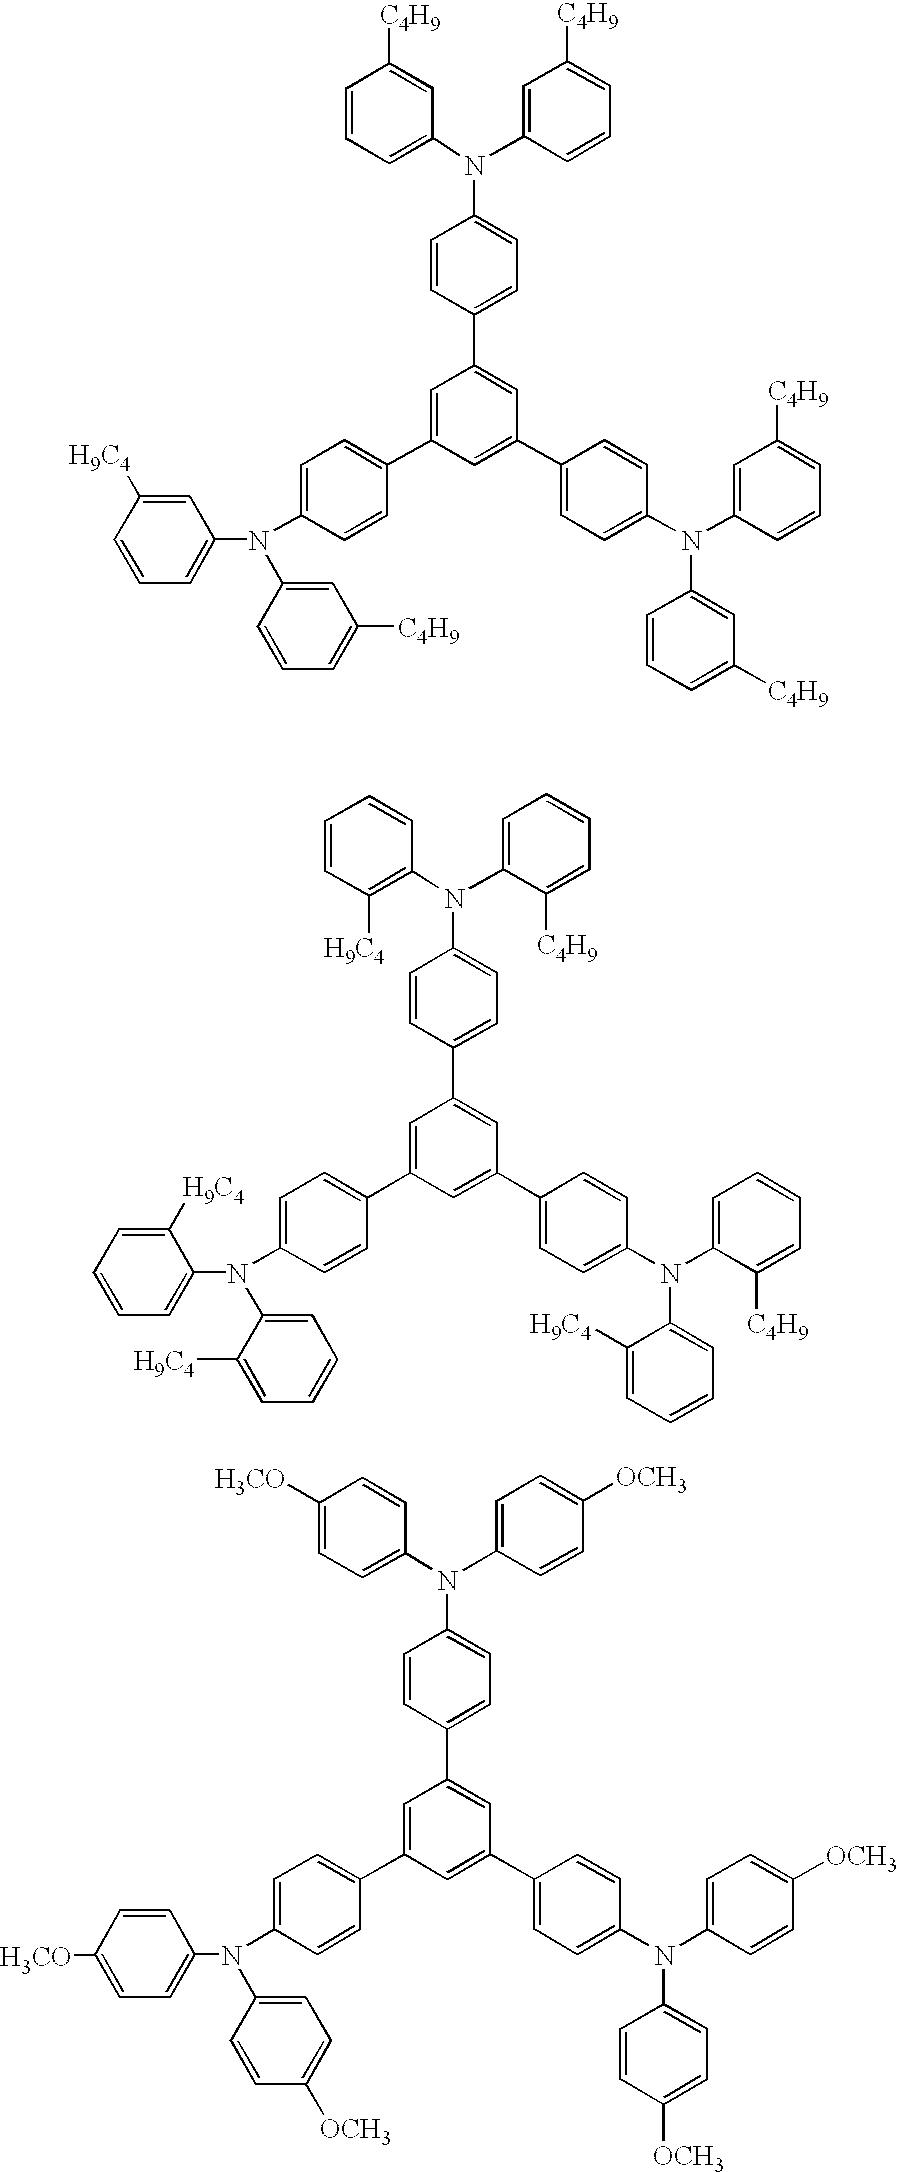 Figure US06541128-20030401-C00037